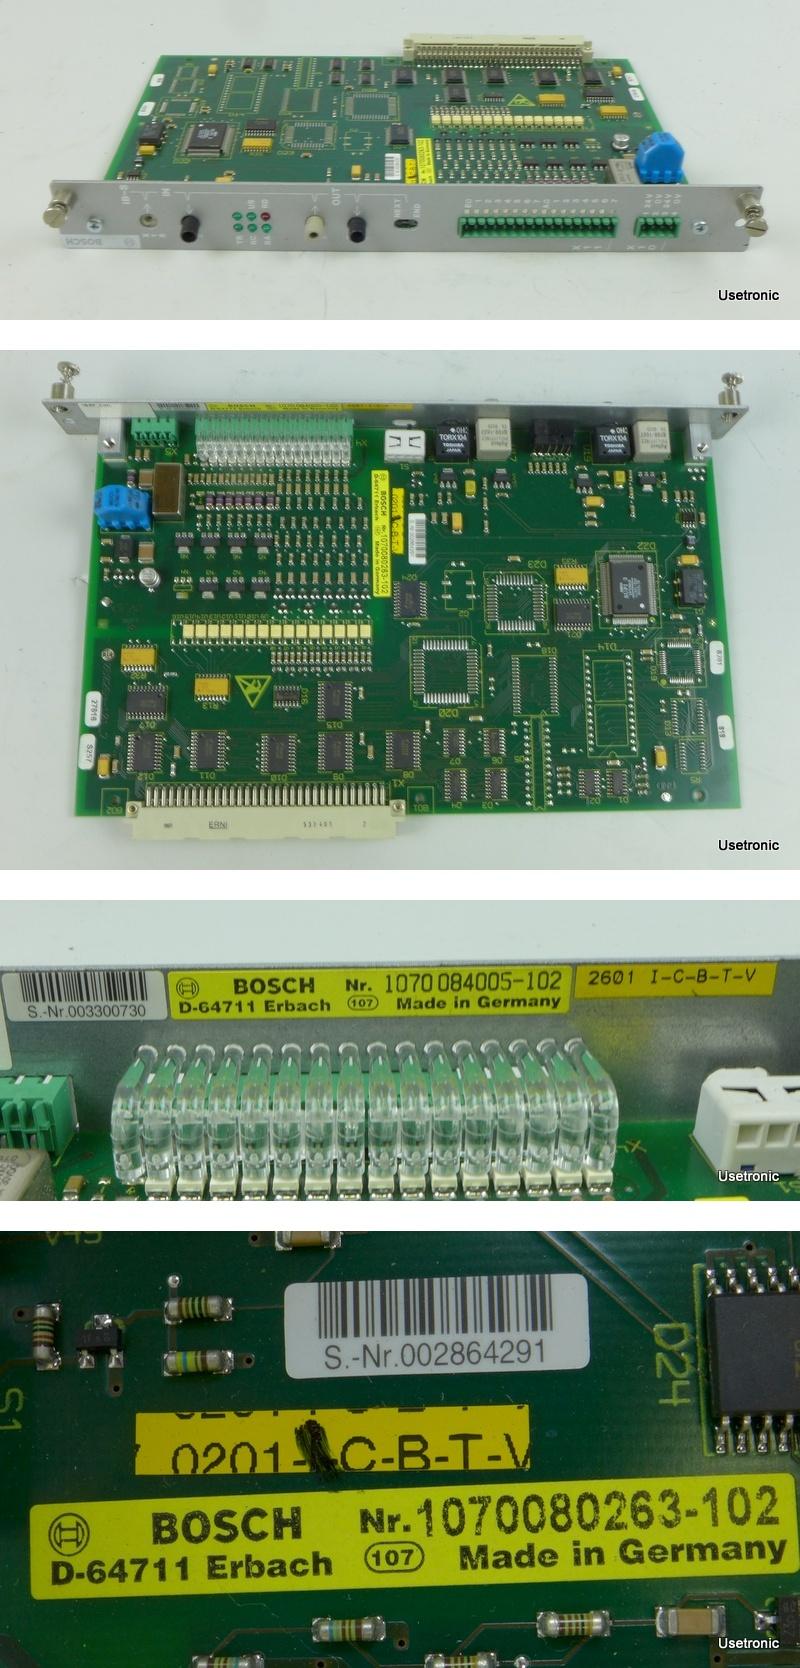 Bosch 1070080263-102 1070084005-102